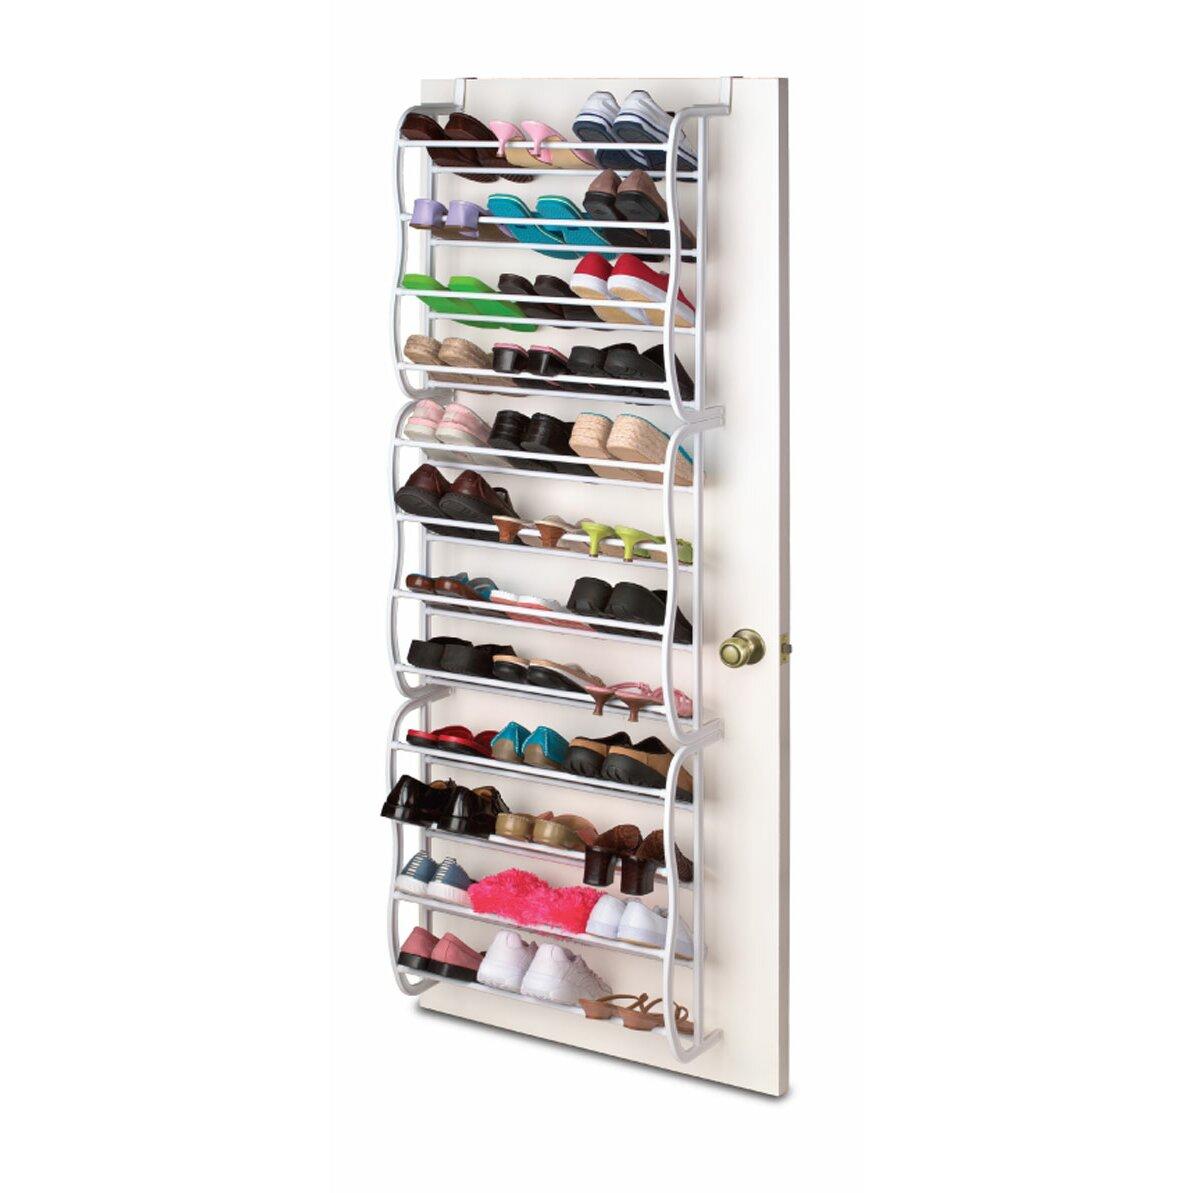 Over the door boot rack - Sunbeam 12 Tier Overdoor Shoe Organizer